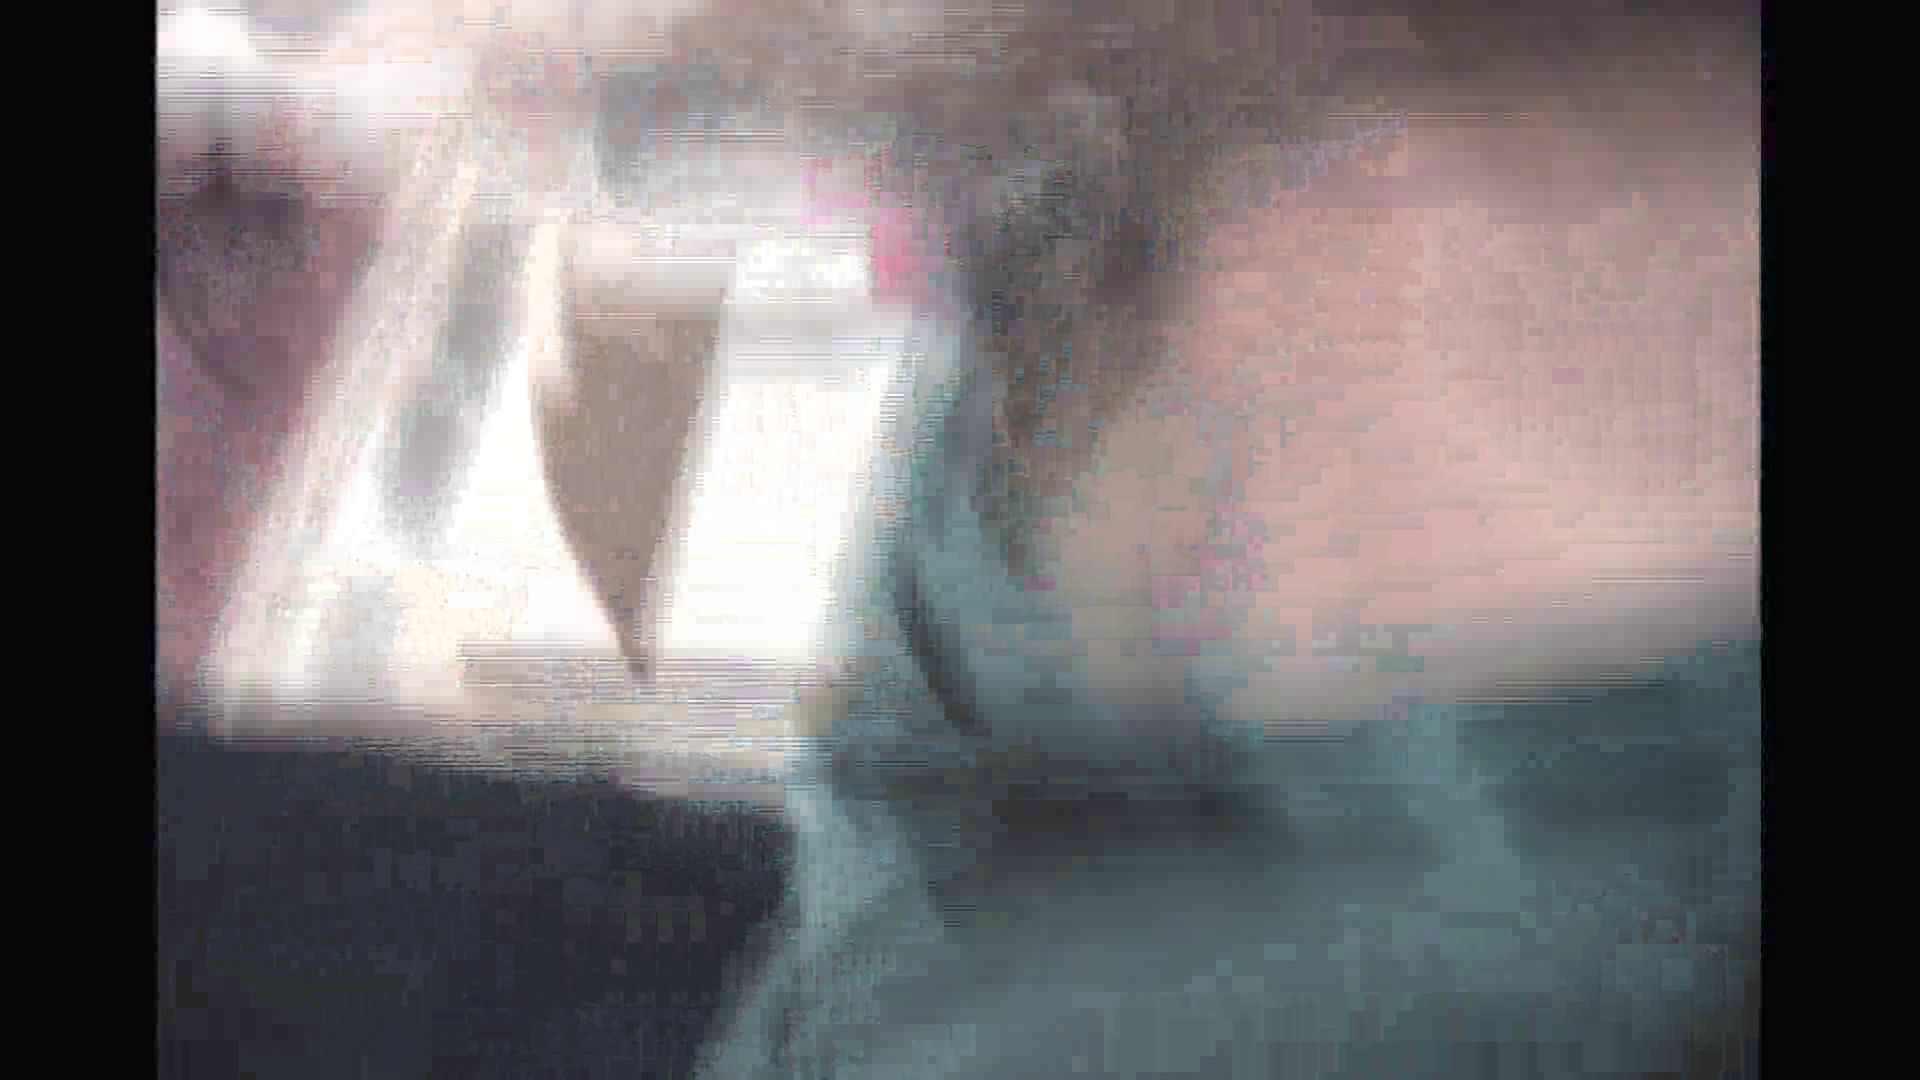 働く美女の谷間参拝 Vol.02 美しいOLの裸体 ワレメ無修正動画無料 98pic 14